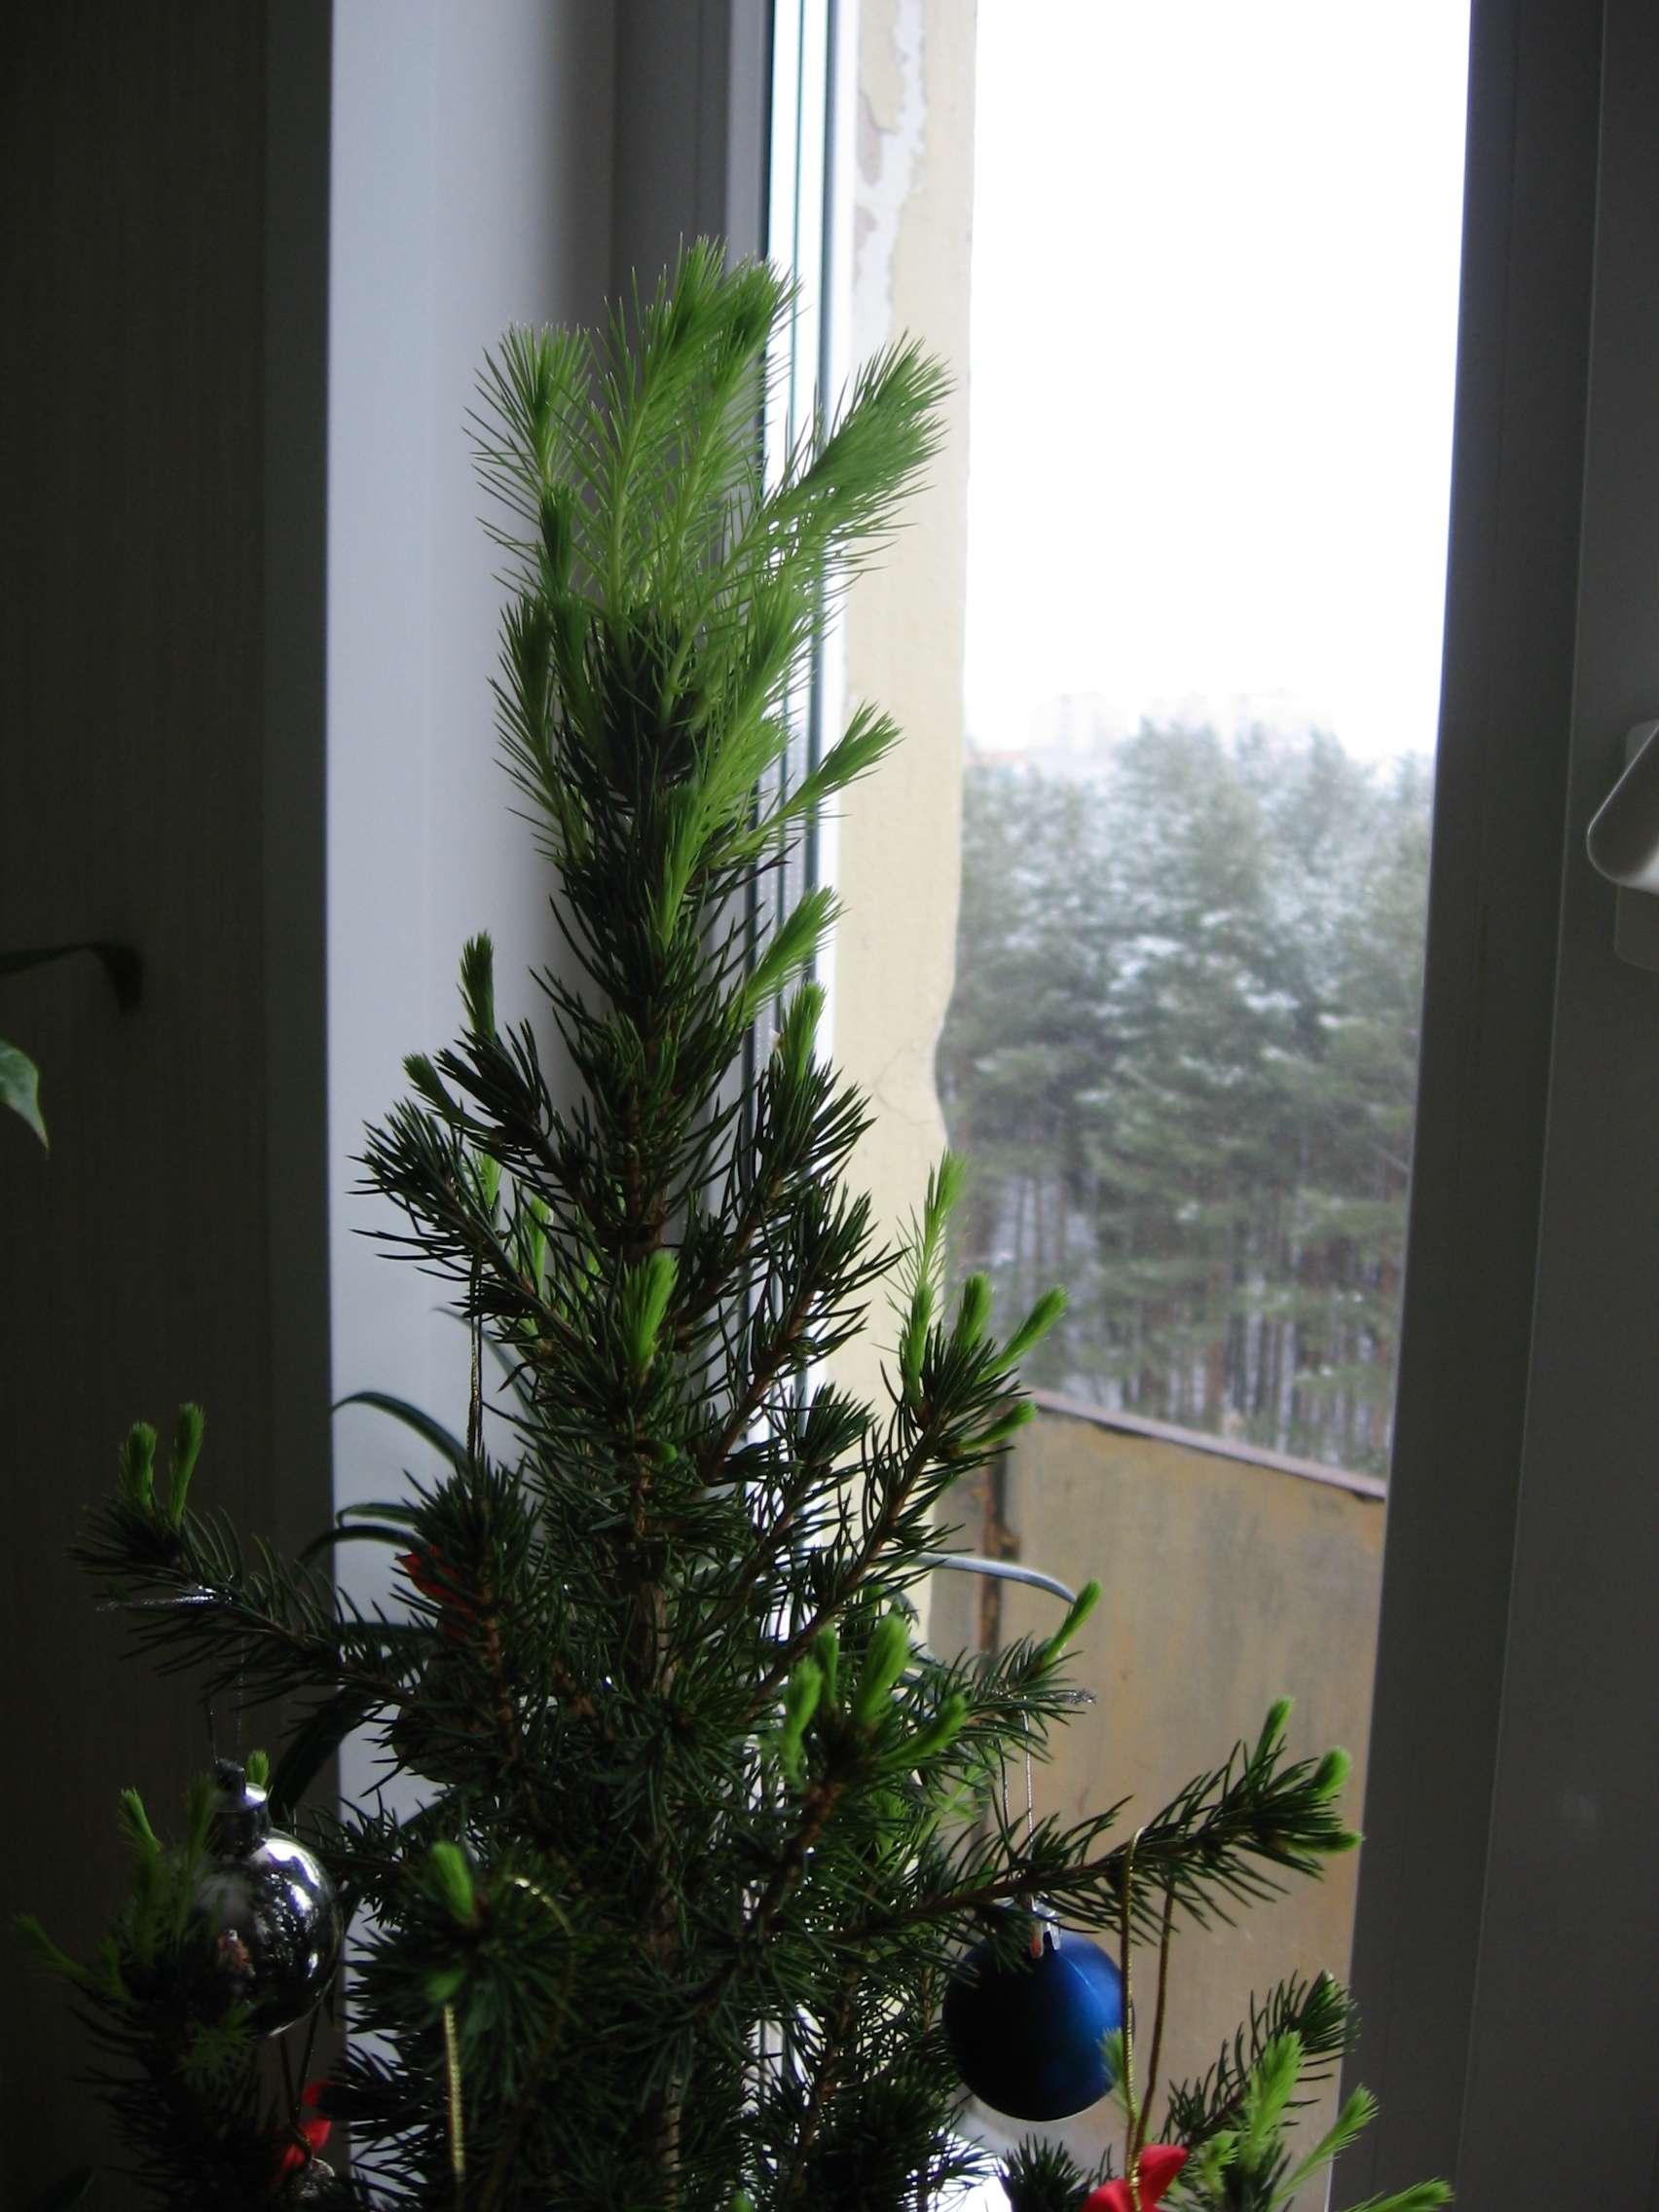 Ель «коника» (46 фото): описание сорта канадской ели, посадка и уход в открытом грунте за карликовой сизой елью. какая высота у взрослого дерева?